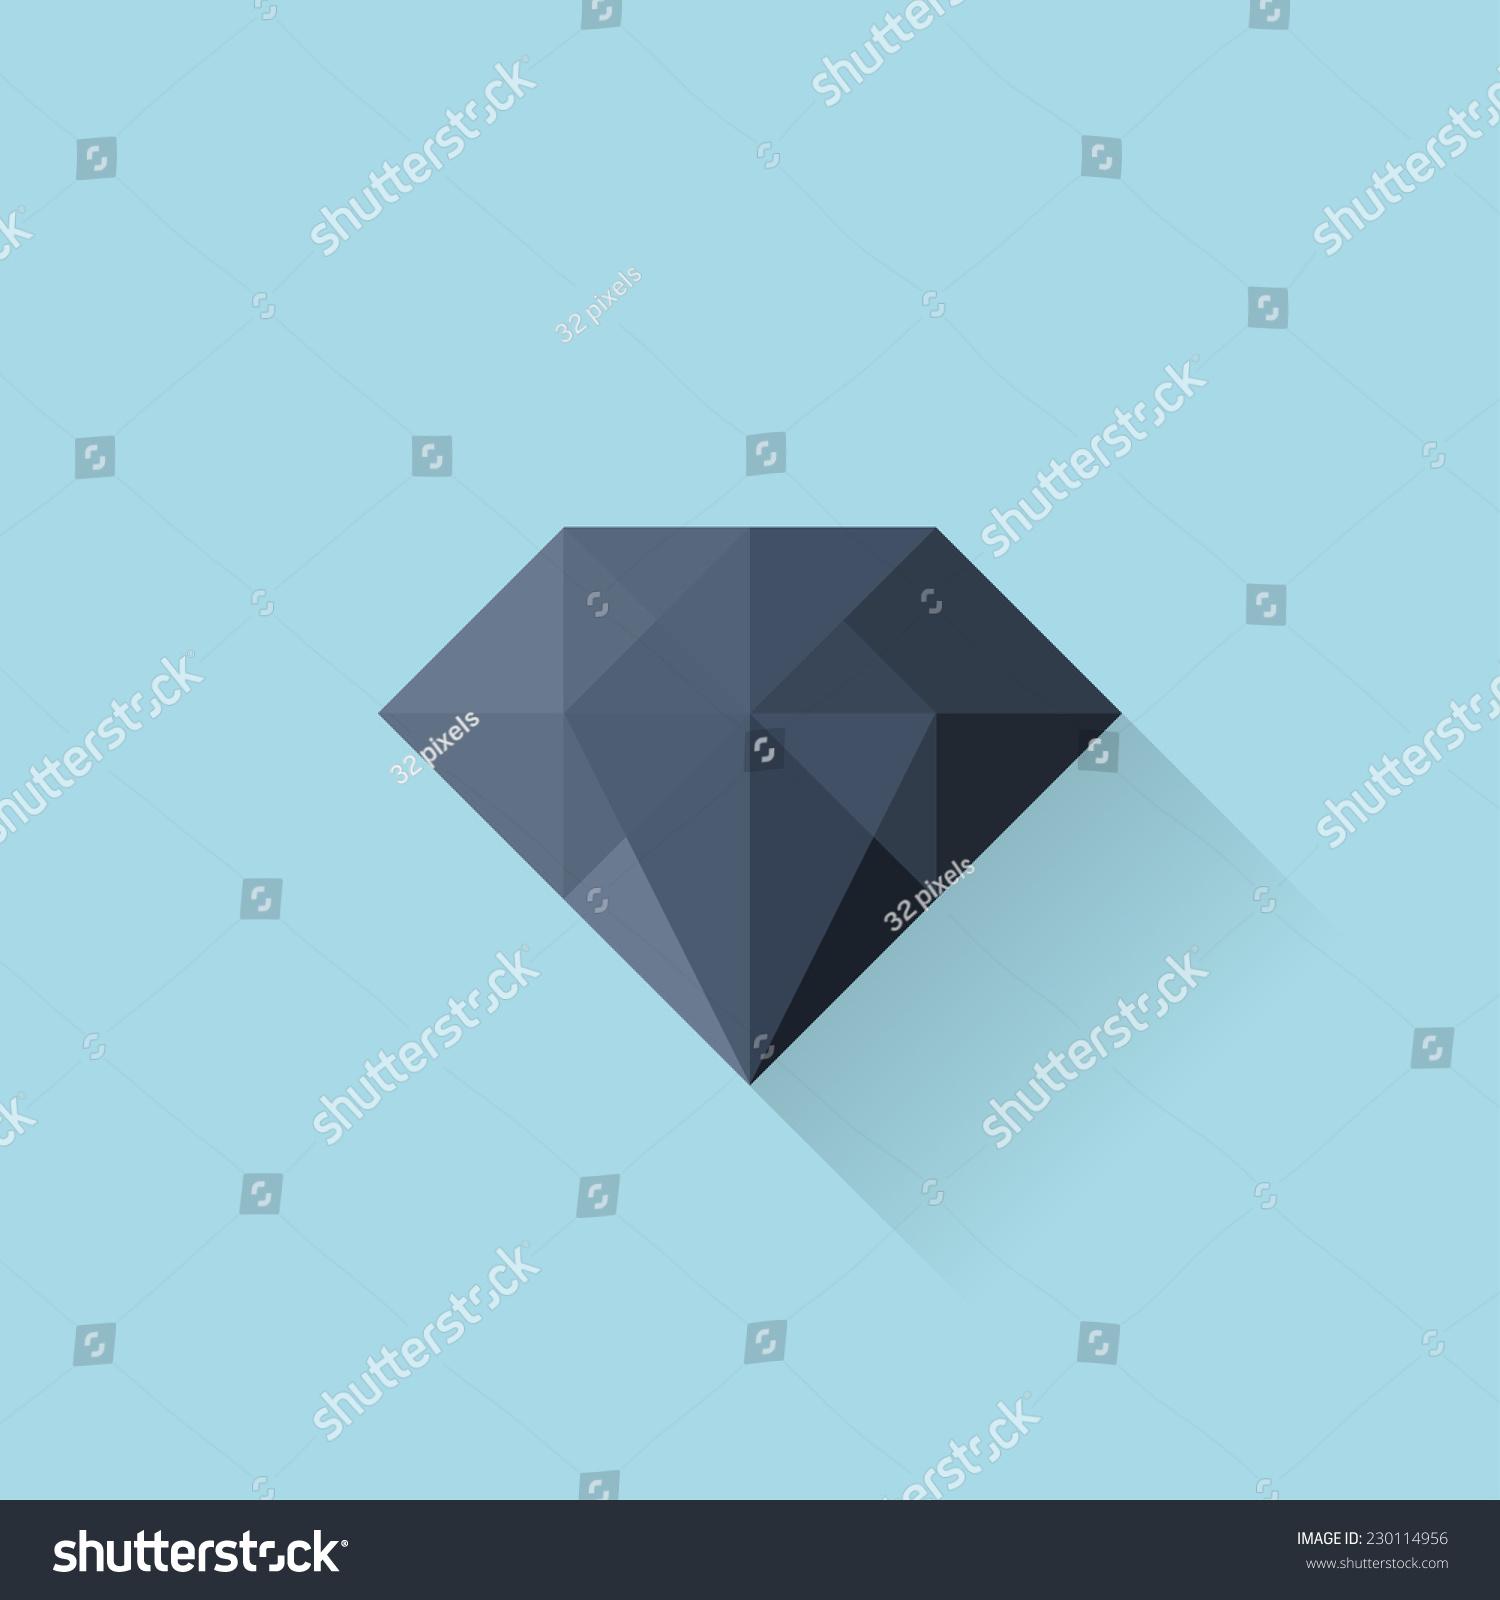 平网络图标.黑钻石